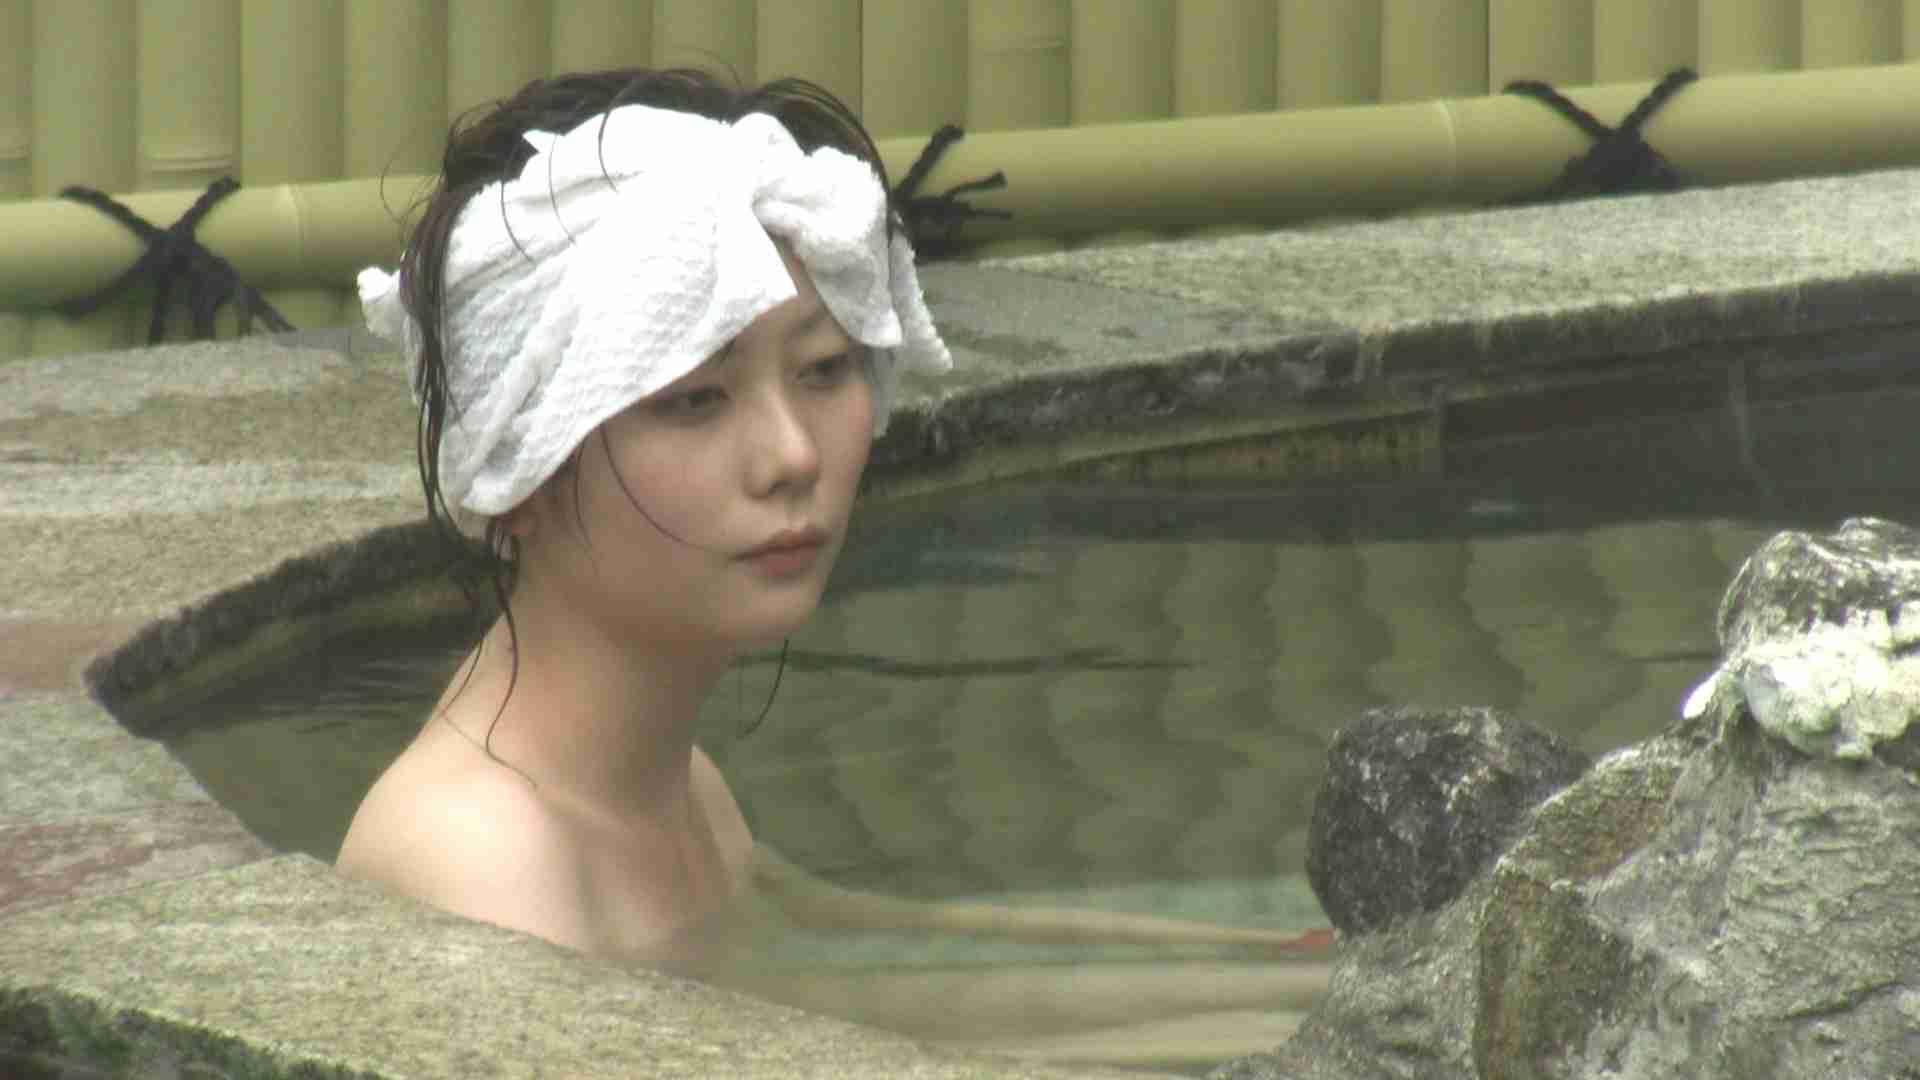 Aquaな露天風呂Vol.147 盗撮 セックス無修正動画無料 84PICs 44